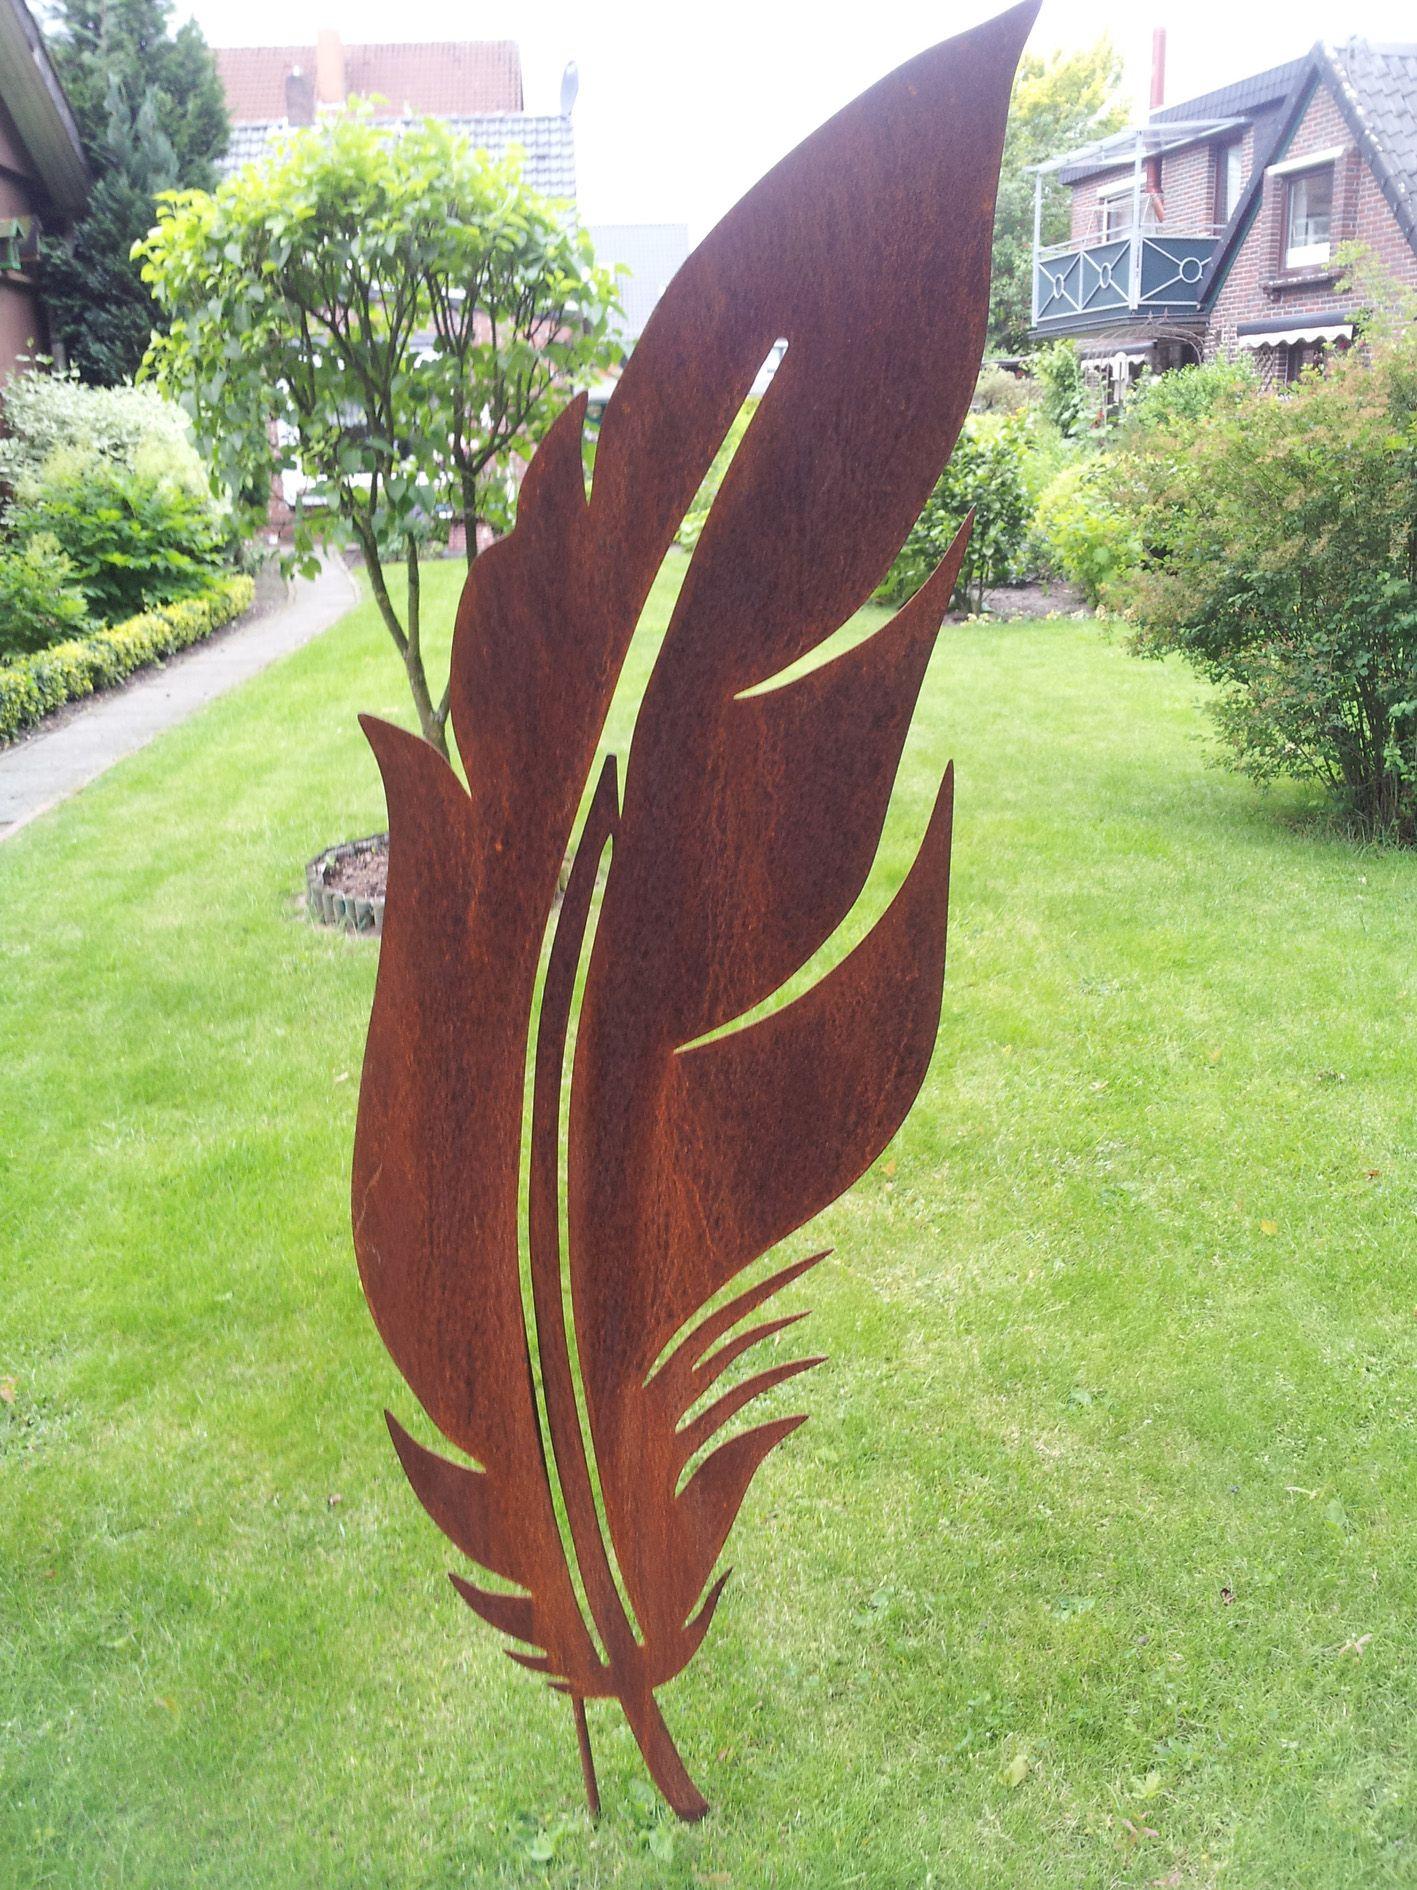 Gartendekoration Rost Feder 2 Verschiedene Gartenstecker Viele Themen Dekoschmiede Comgartenskulptur Feder Schrottplatzkunst Gartendekoration Stahl Kunst